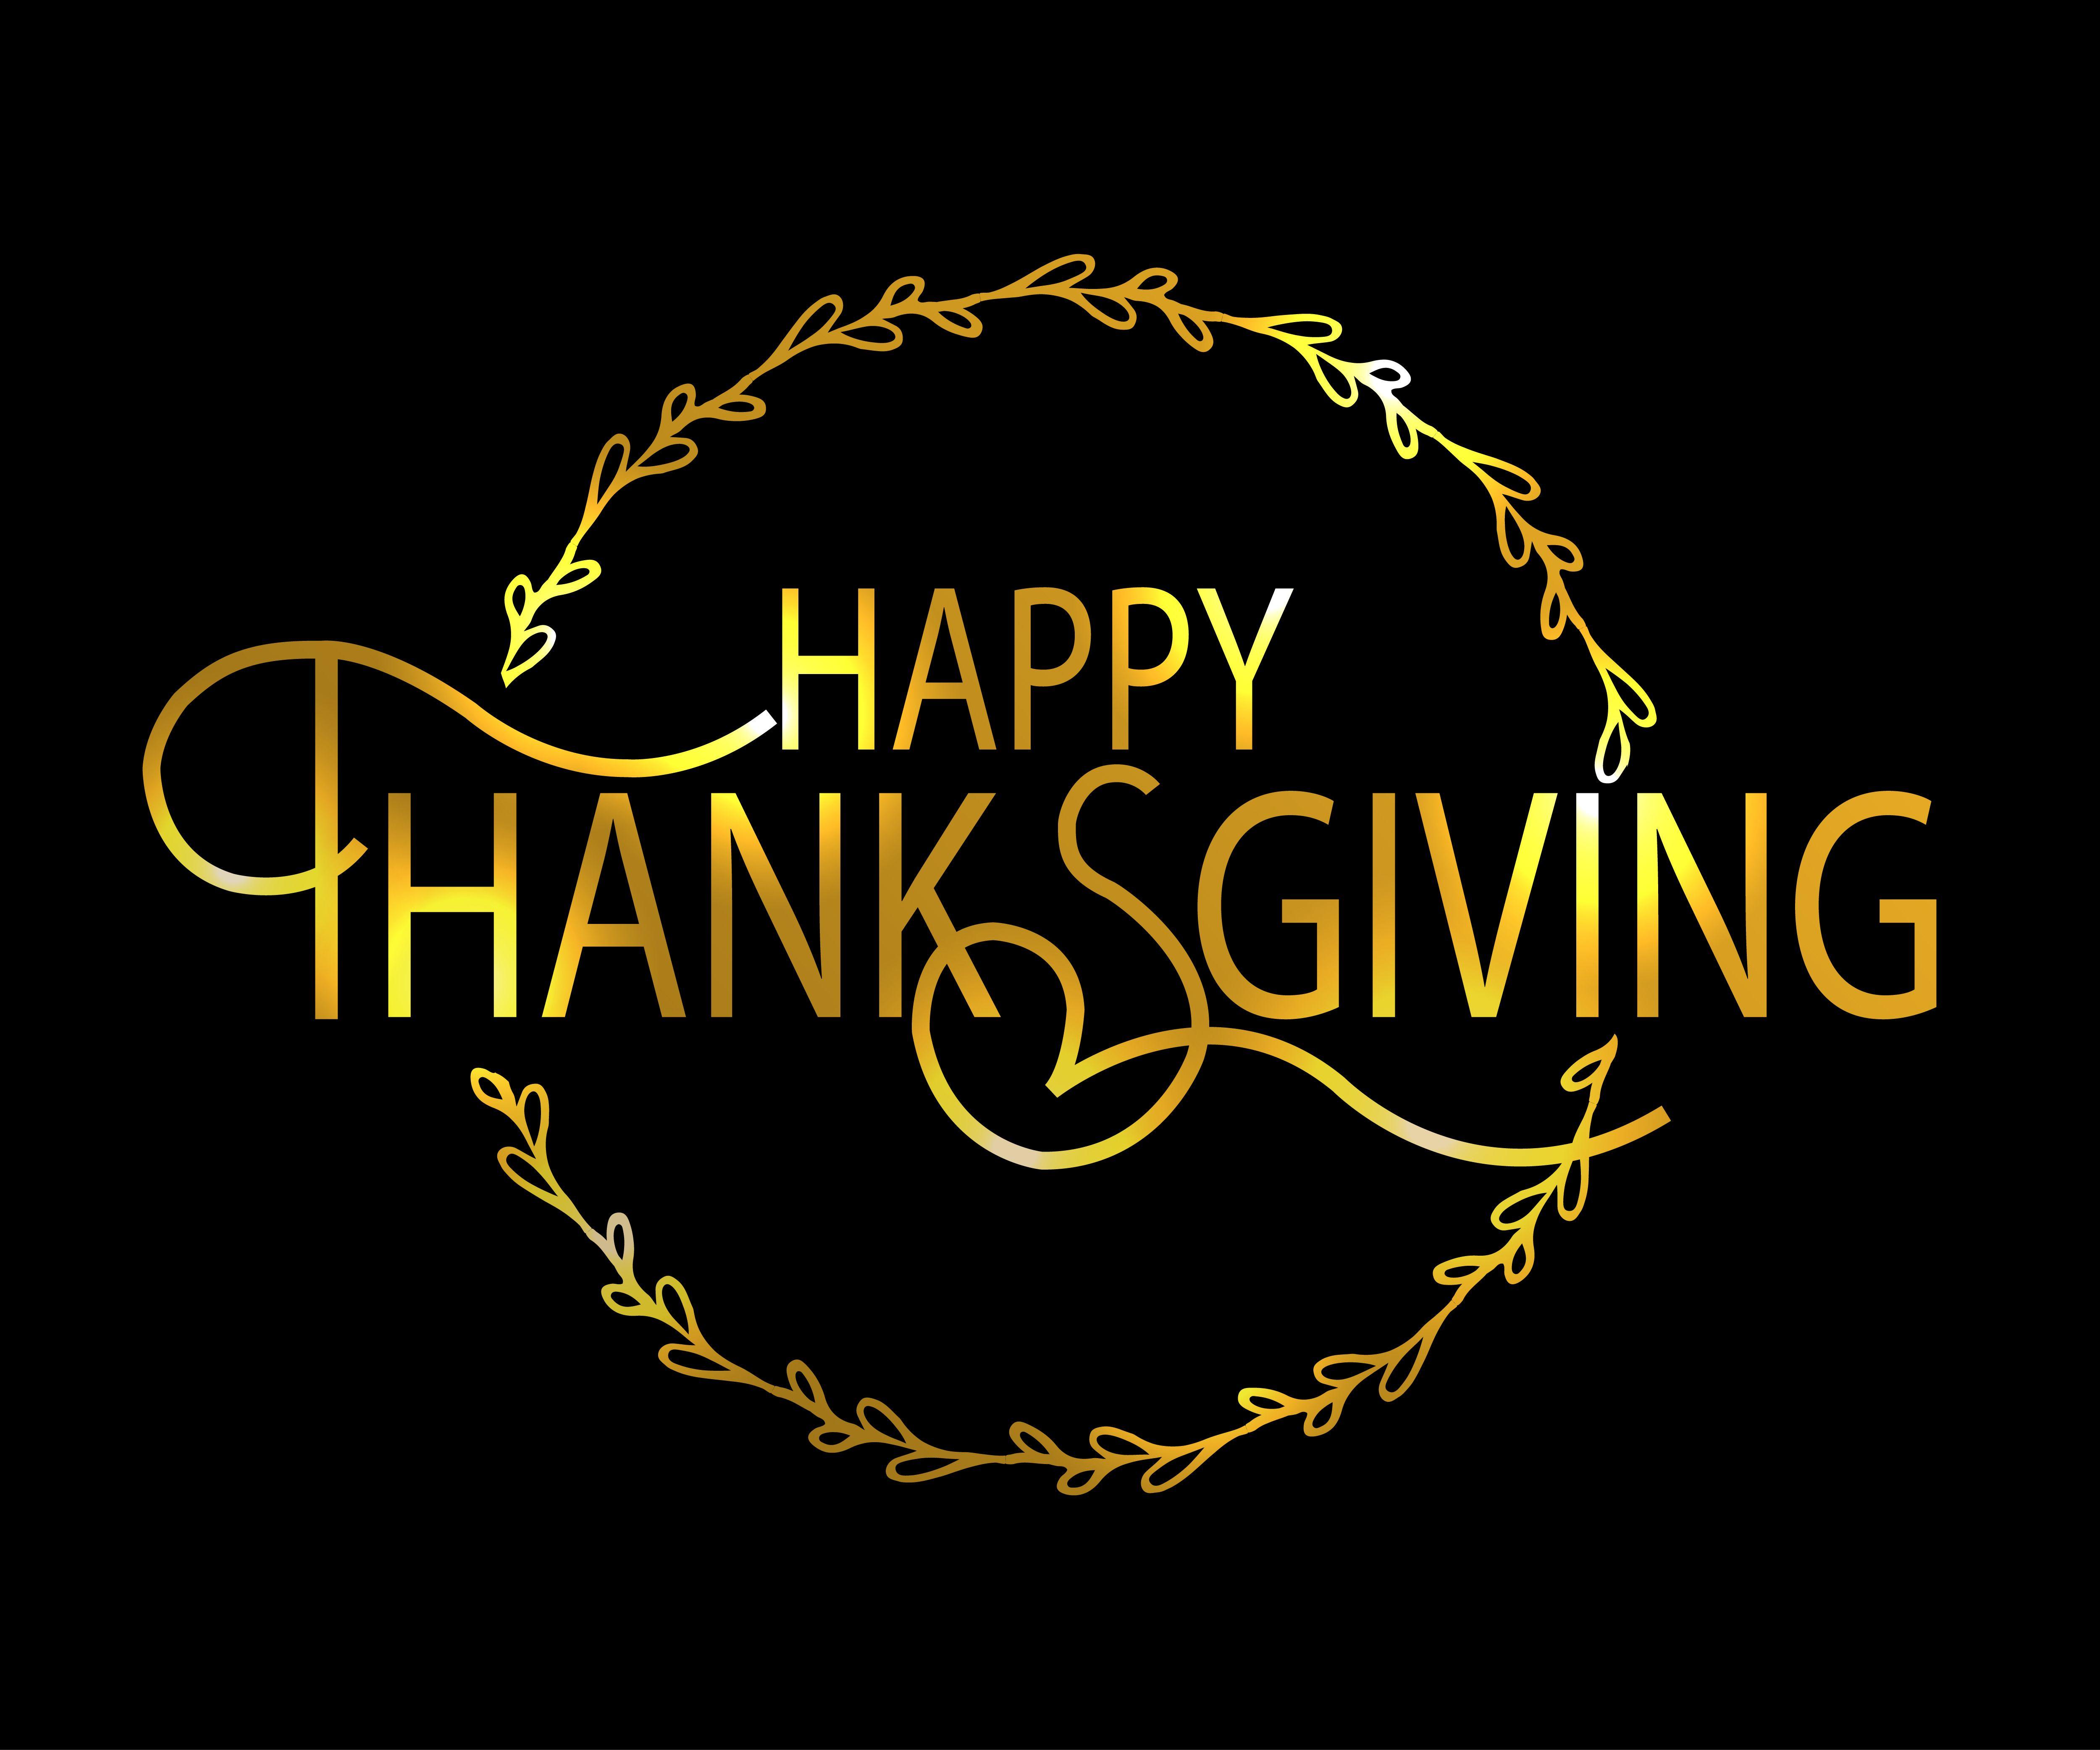 Thanksgiving Card Template Pinterest Card Templates And Template - Thanksgiving card template